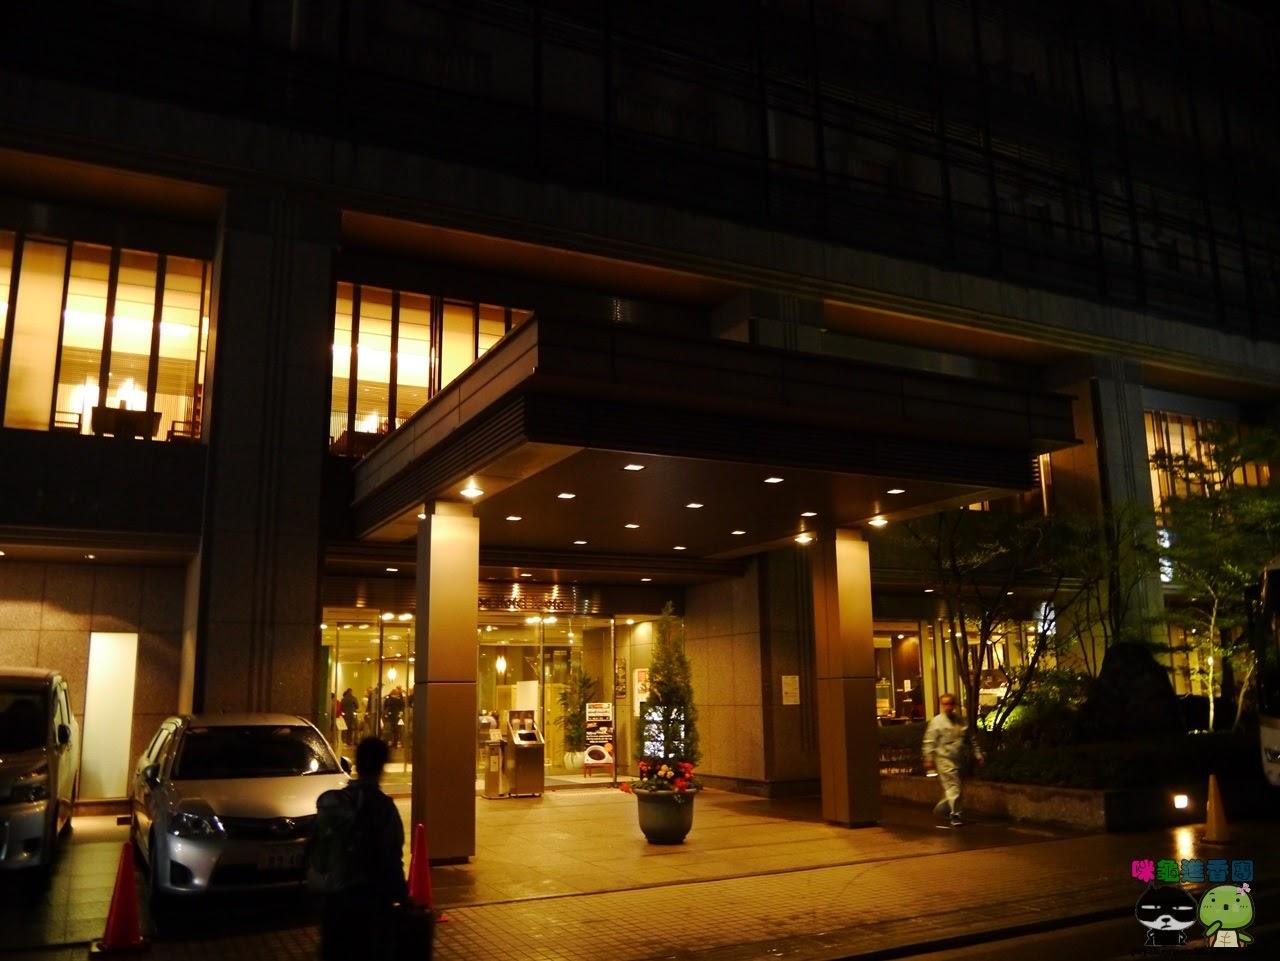 咪龜進香團 Pejakeeper S Blog 京都哈頓飯店 Hearton Hotel Kyoto